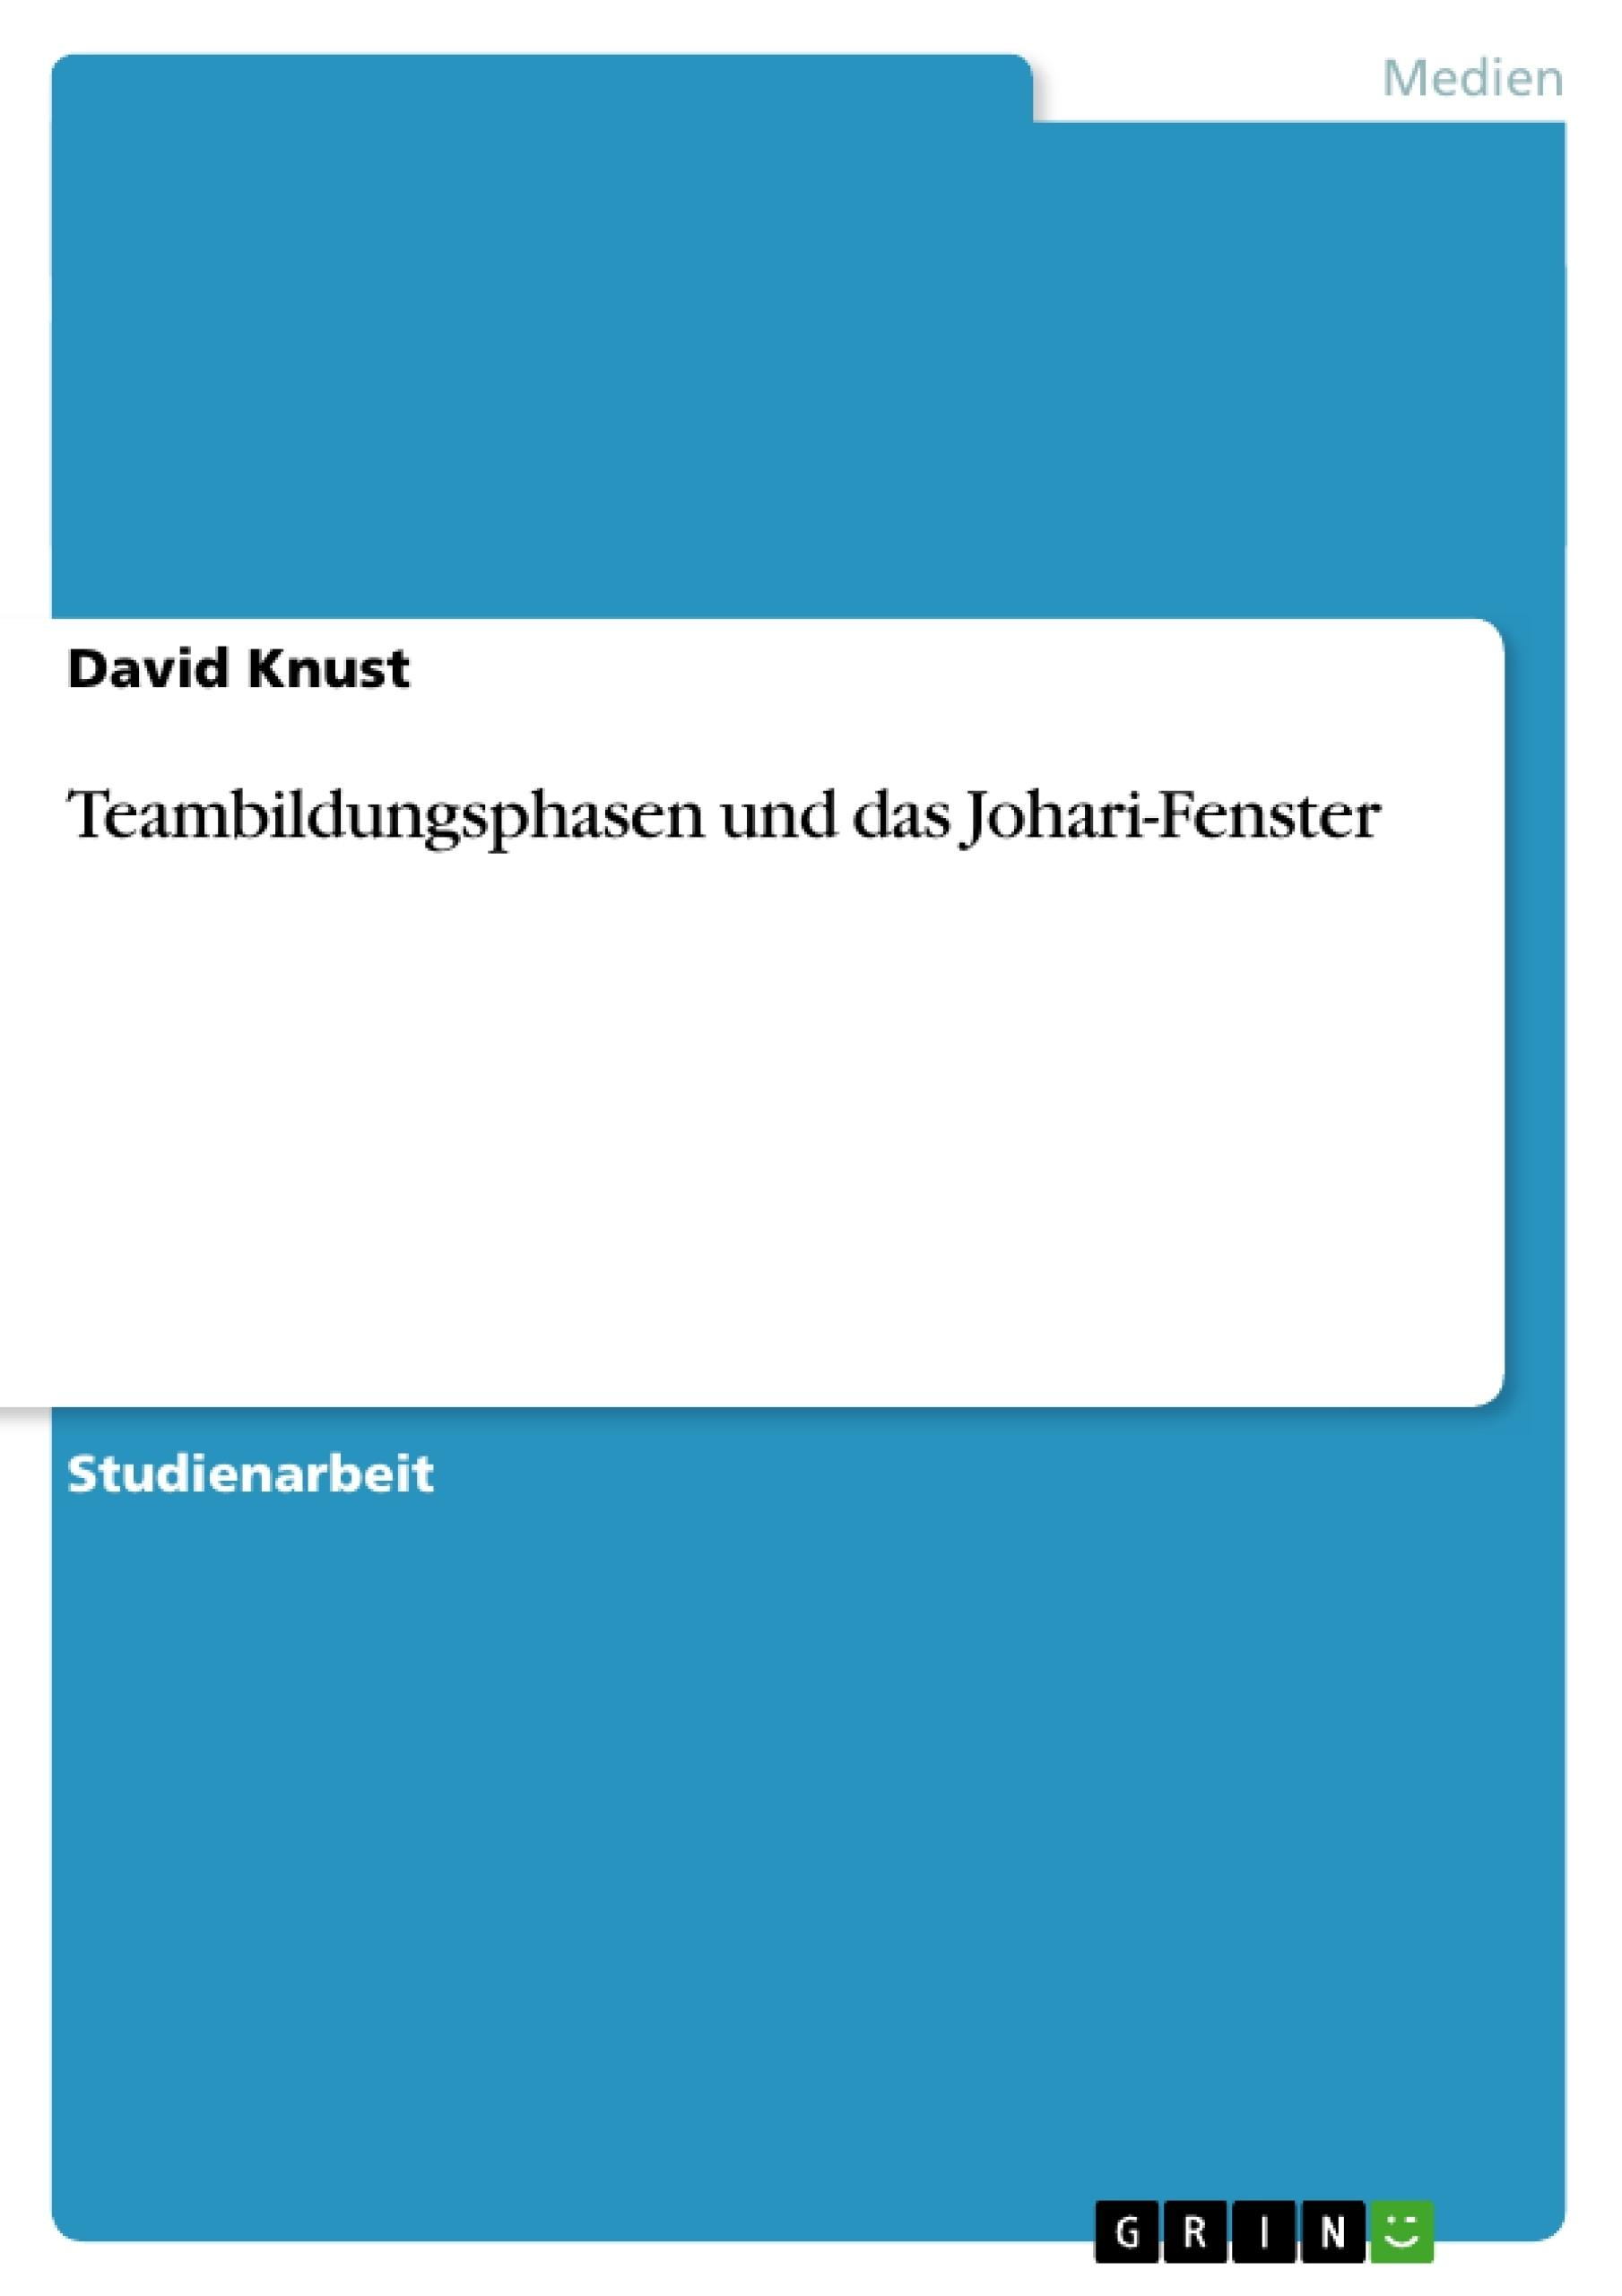 Titel: Teambildungsphasen und das Johari-Fenster